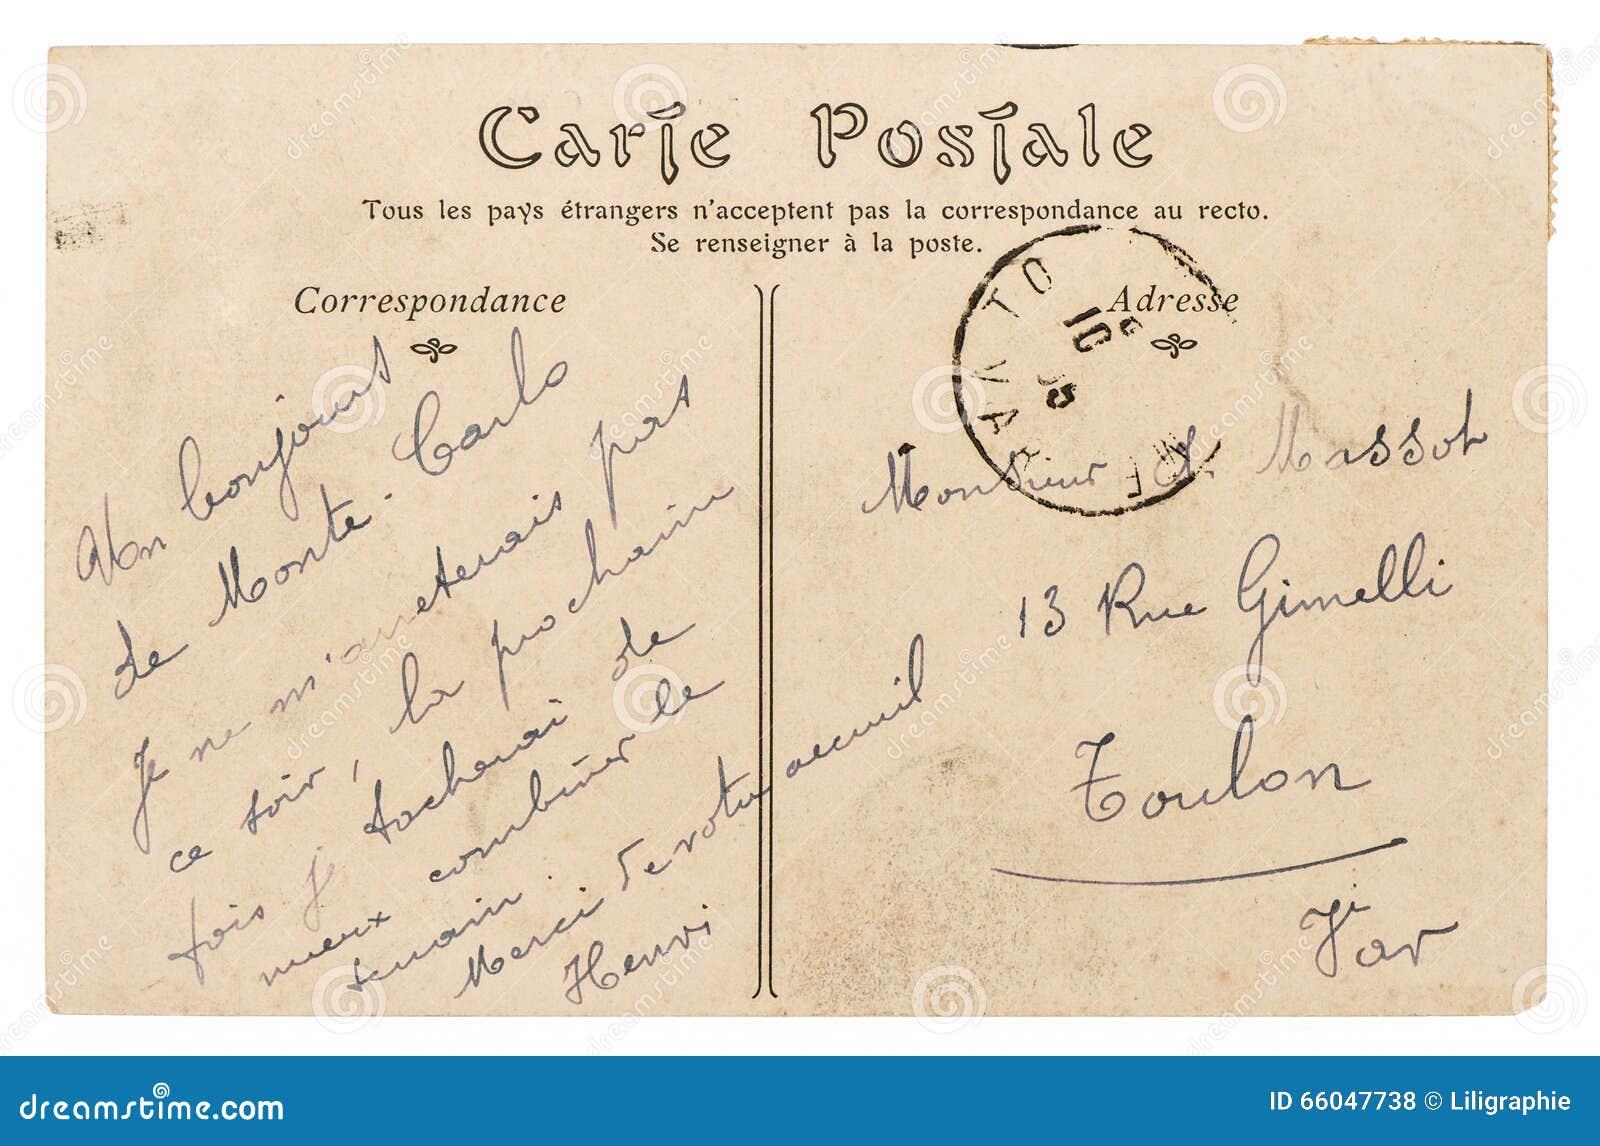 Italian handwritten postcard letter stock photo image 39254147 - Italian Handwritten Postcard Letter Vintage Handwritten Postcard Mail Used Paper Texture Royalty Free Stock Photos